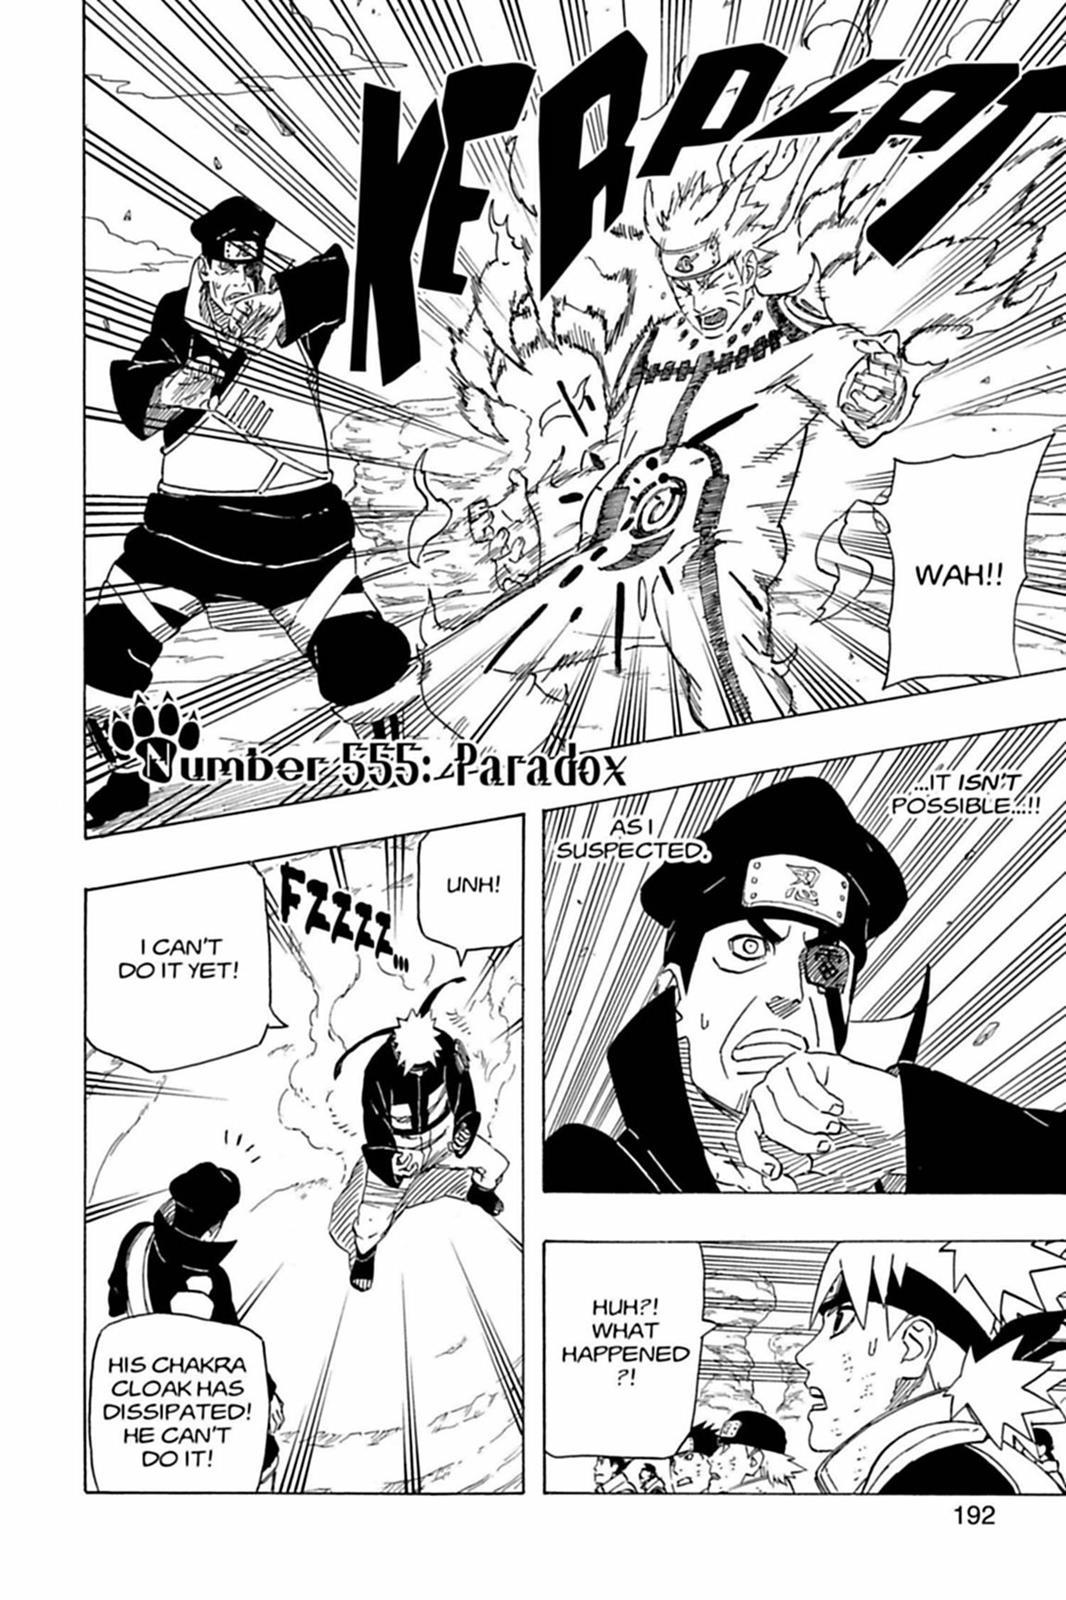 Itachi vs Killer Bee: Destrinchando a luta! - Página 2 0555-002